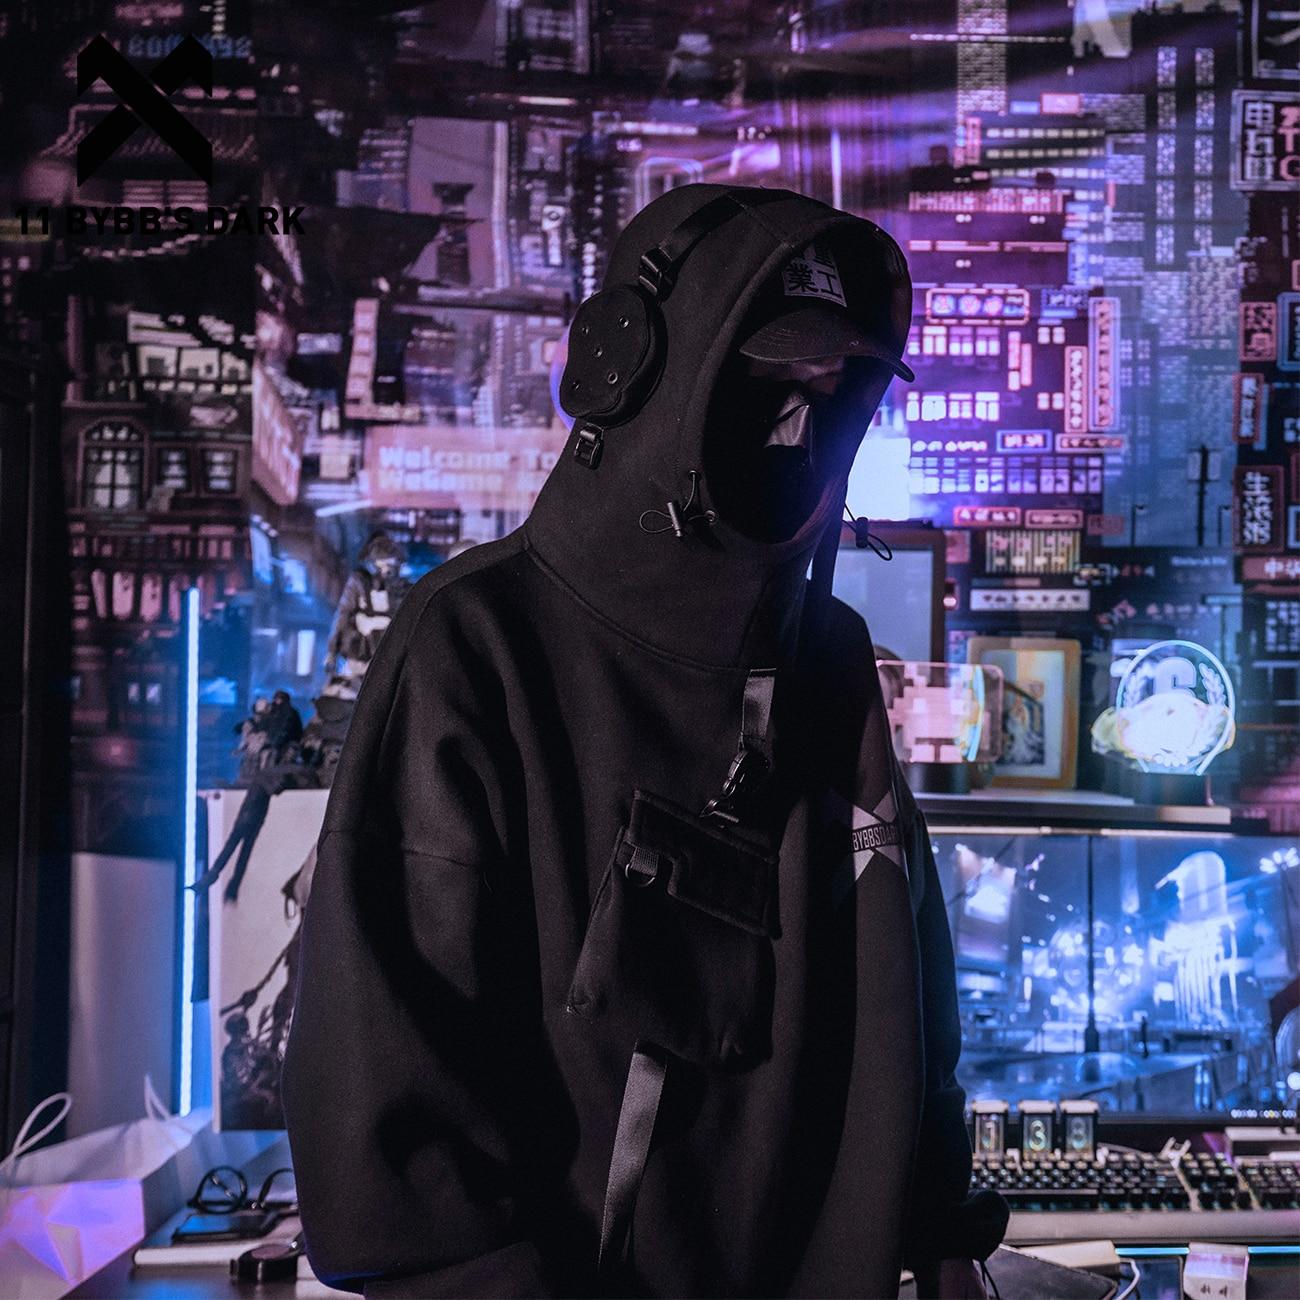 11 BYBB'S الظلام عاكس Harajuku هوديي الرجال الهيب هوب الشارع الشهير هوديي البلوز رجل رائد الفضاء ملابس علوية من القطن البلوفرات Techwear